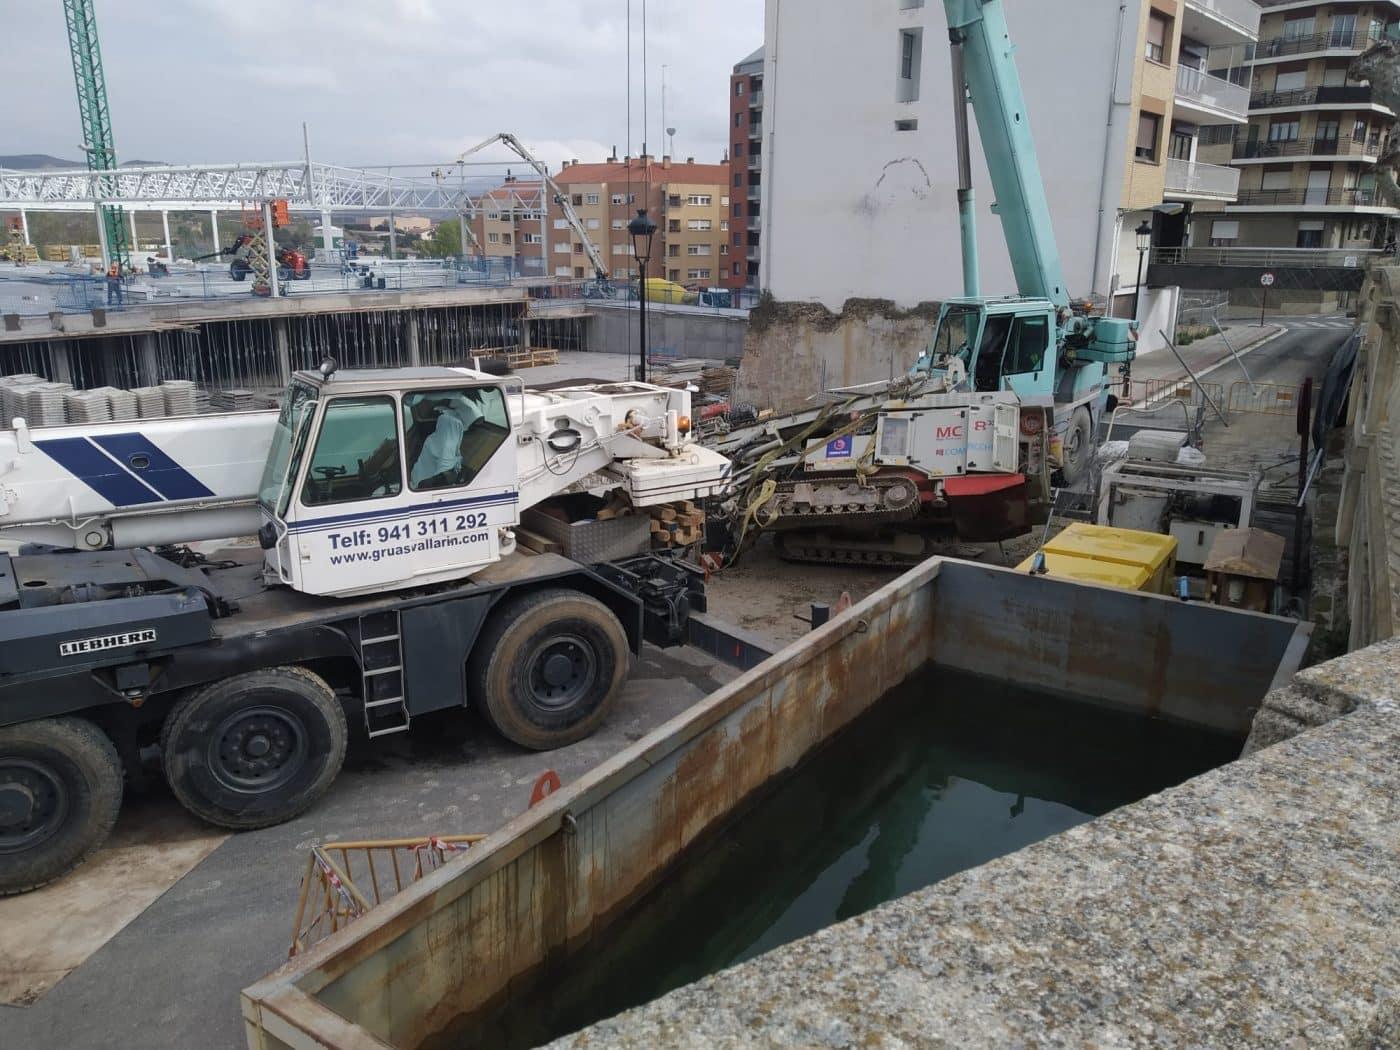 Aparatoso accidente en las obras del nuevo Mercadona en Haro 6